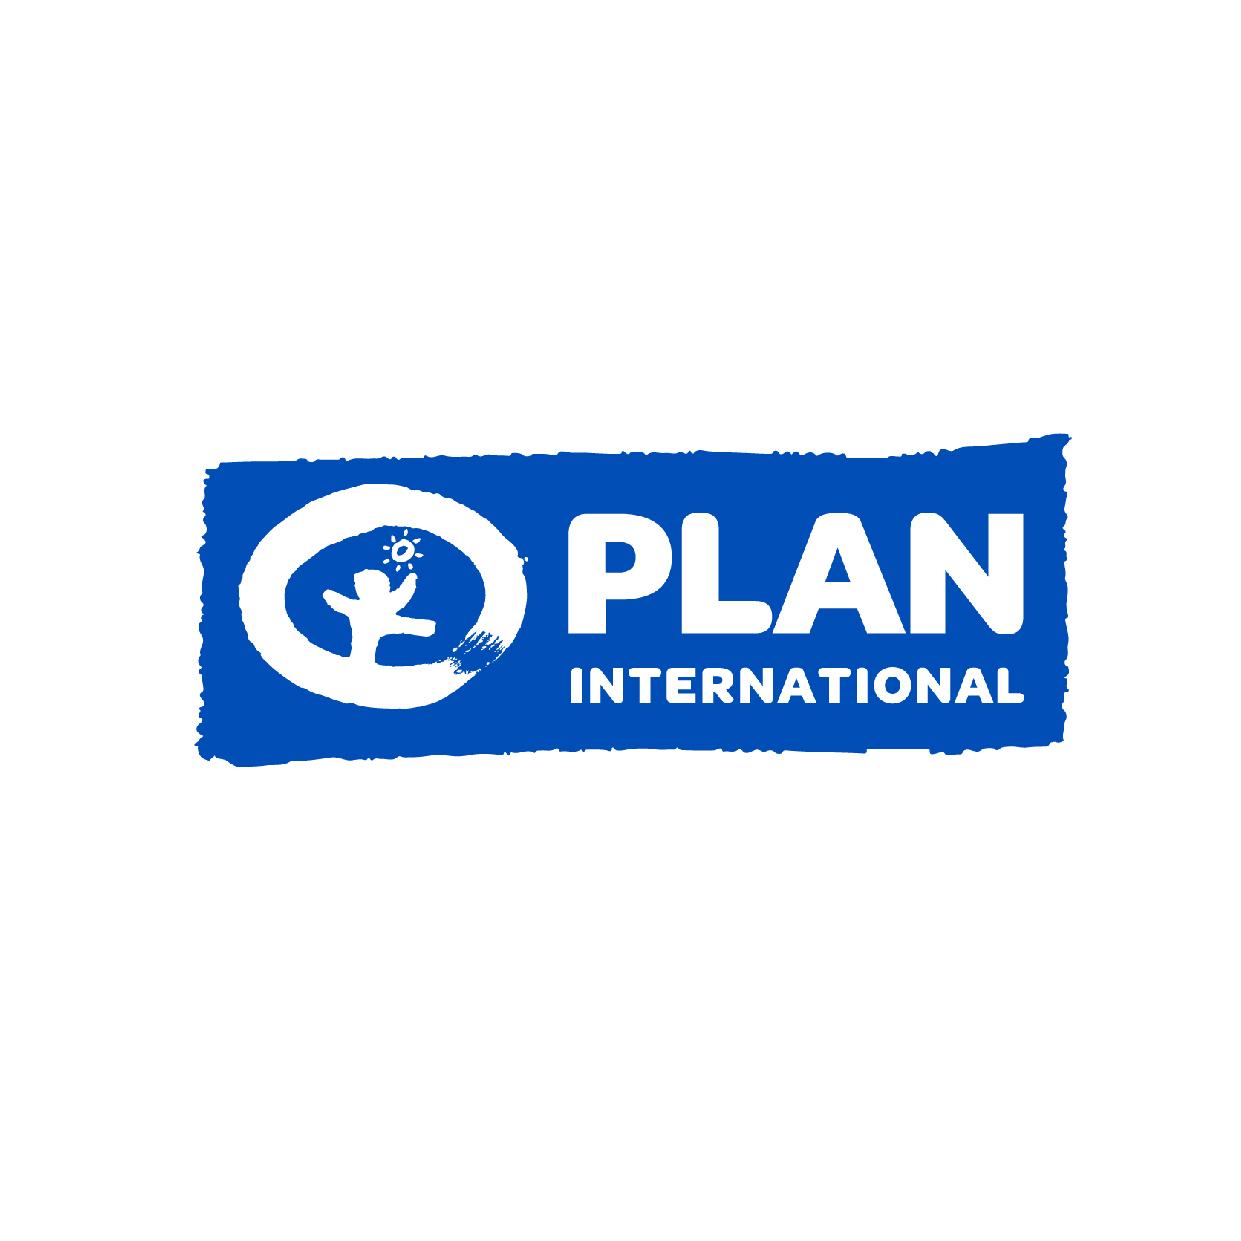 Logo_Plan-01.jpg